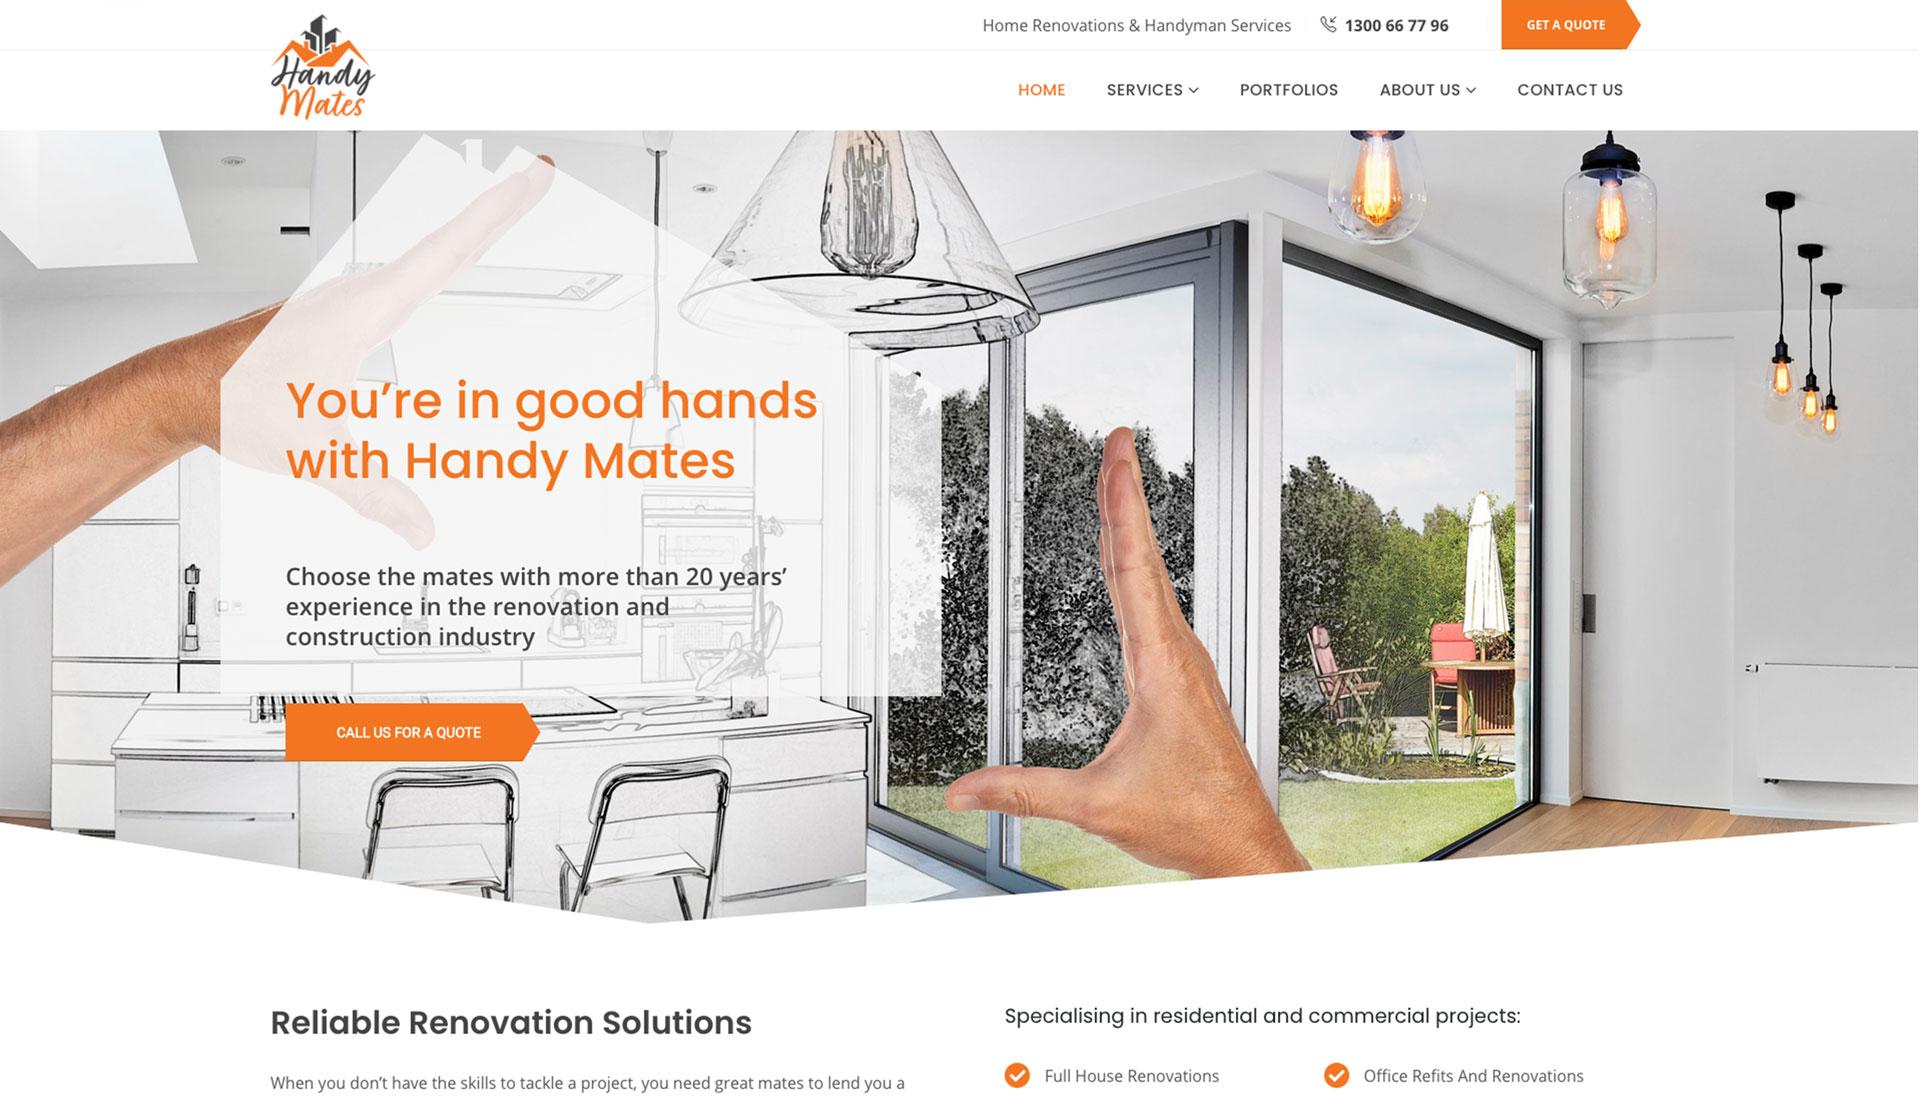 responsive design website development work - handy mates website